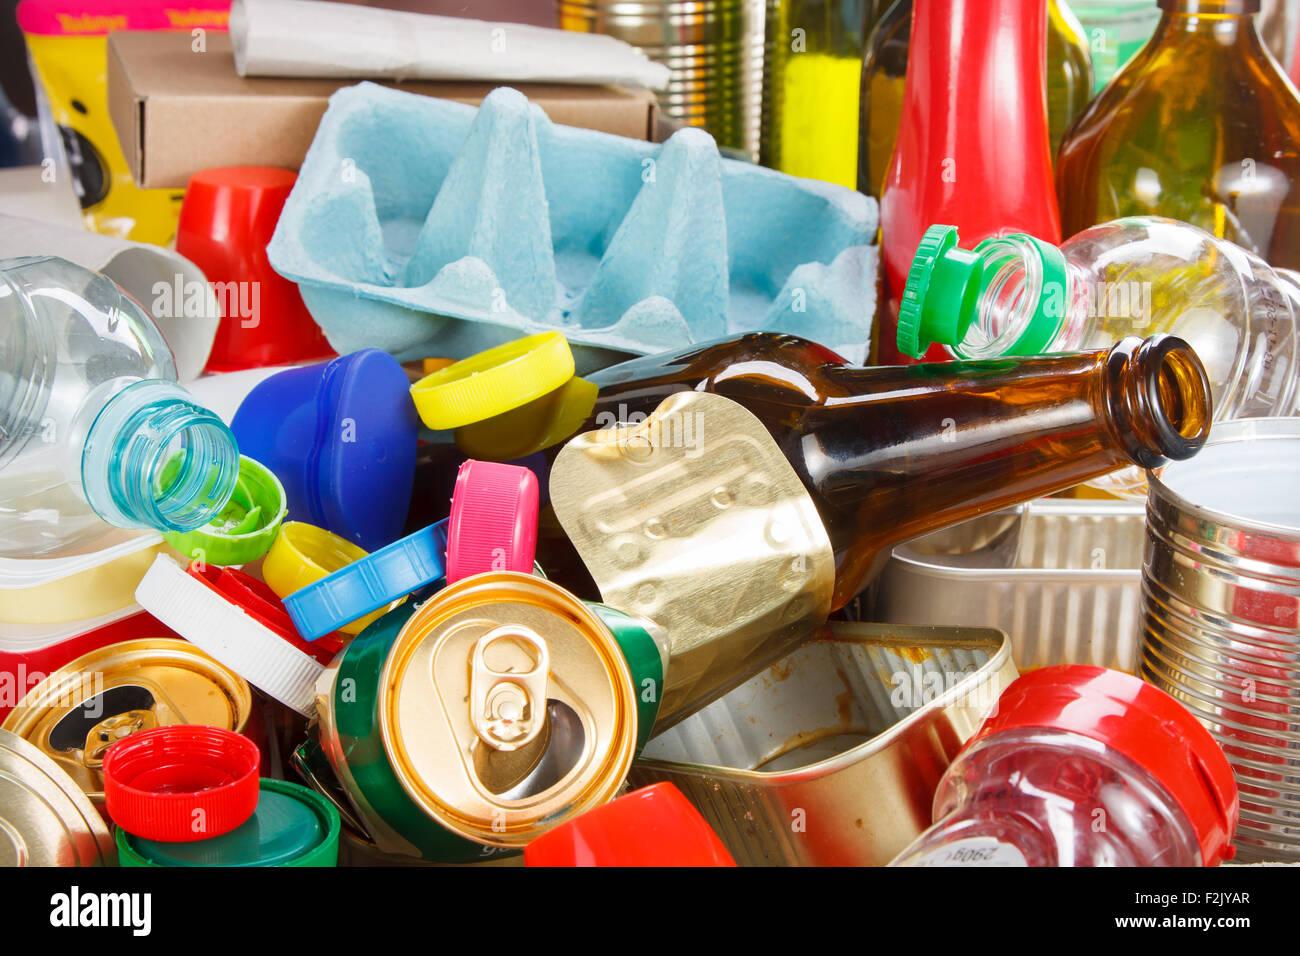 Riciclaggio rifiuti riutilizzabili e gestione dei rifiuti come metallo, plastica, vecchi prodotti di carta per essere Immagini Stock